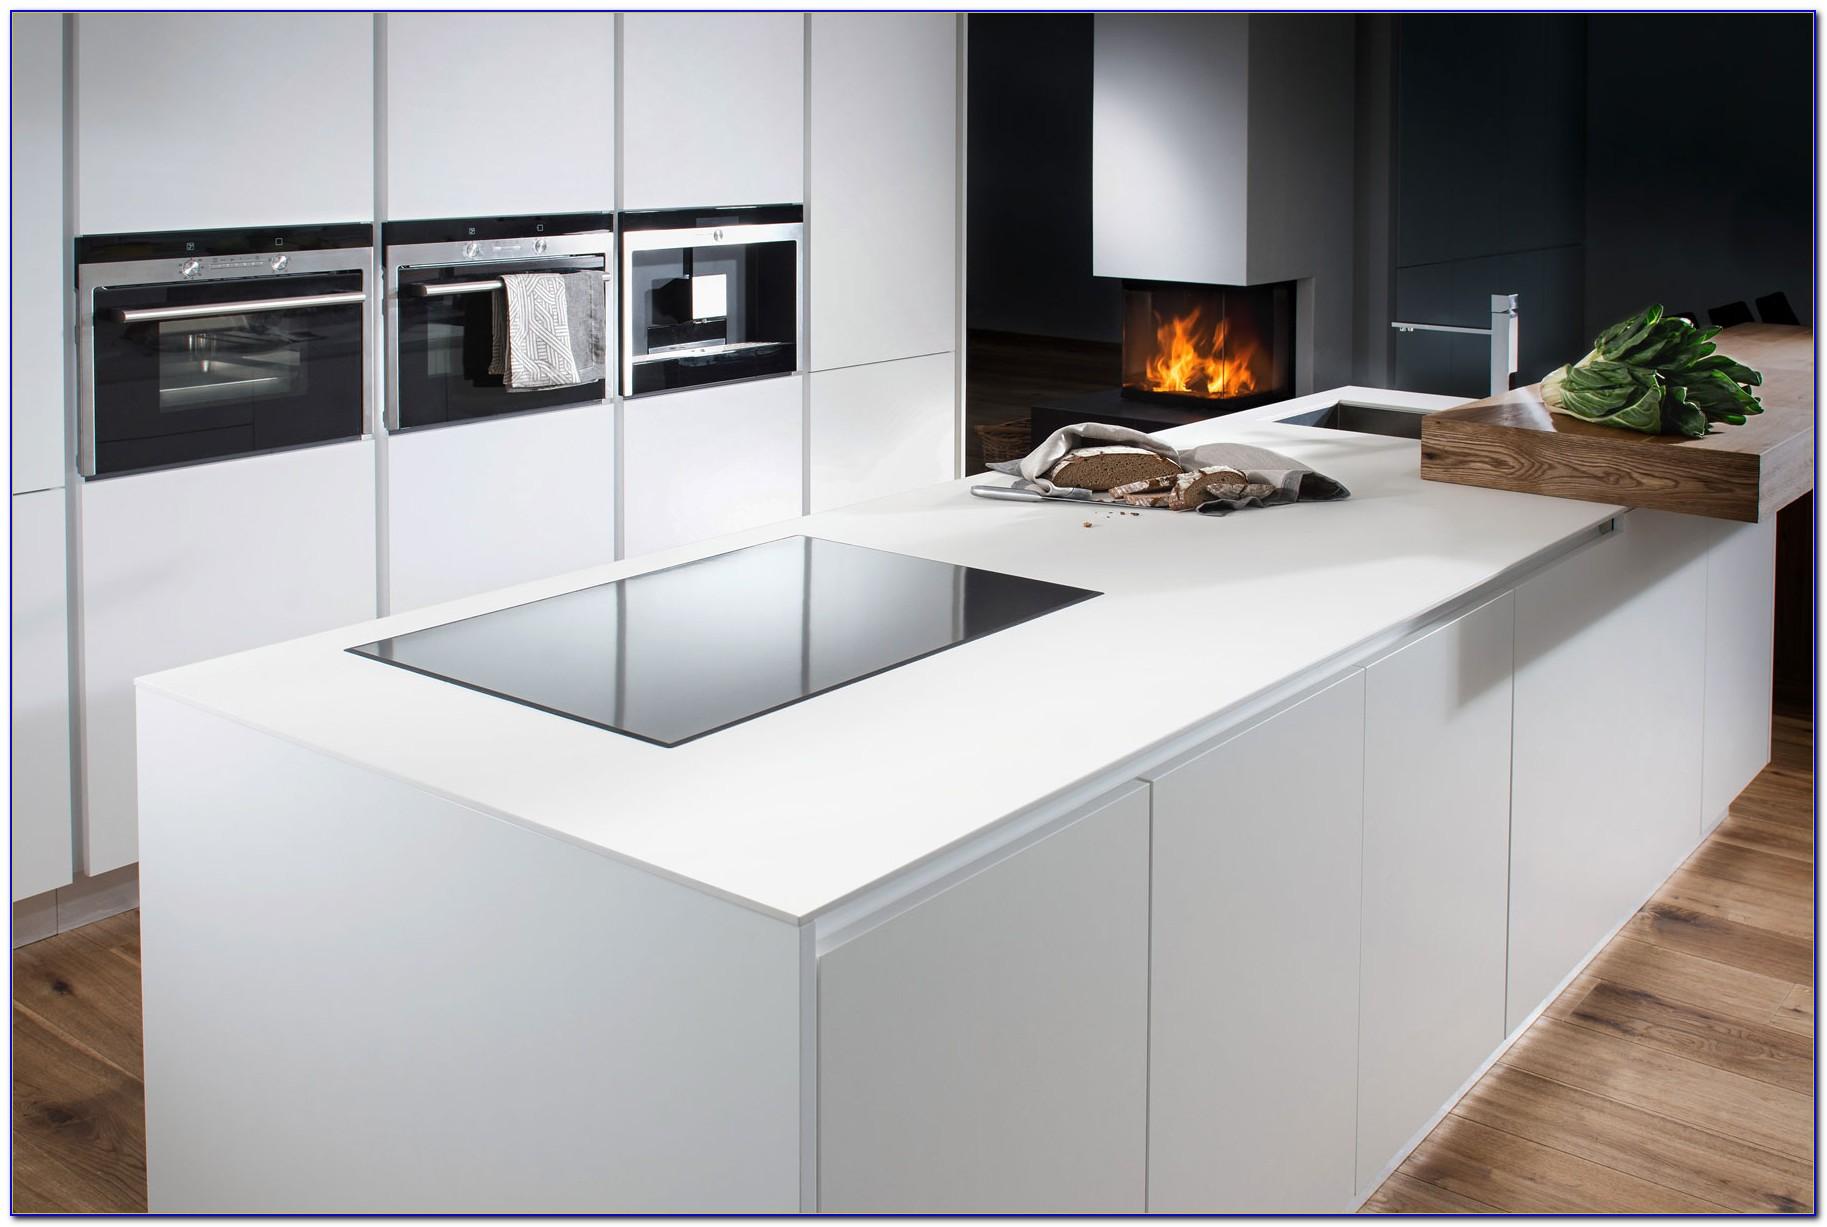 Full Size of Arbeitsplatten Kchen Quelle Dolce Vizio Tiramisu Küchen Regal Wohnzimmer Küchen Quelle